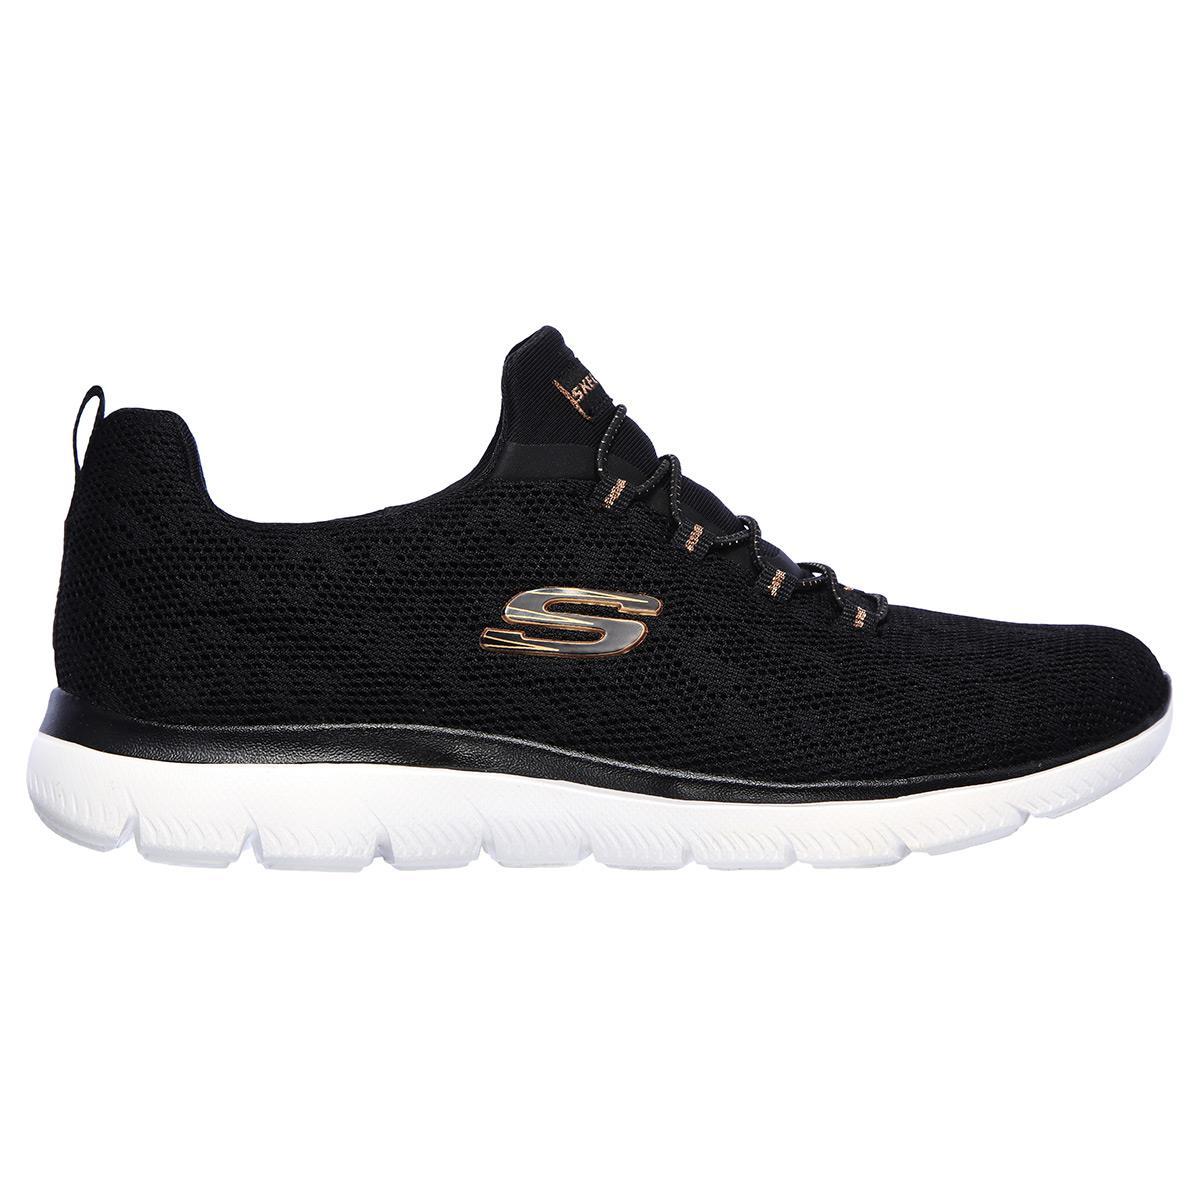 Skechers SUMMITS - LEOPARD SPOT Kadın Ayakkabısı SKC149037 BKRG